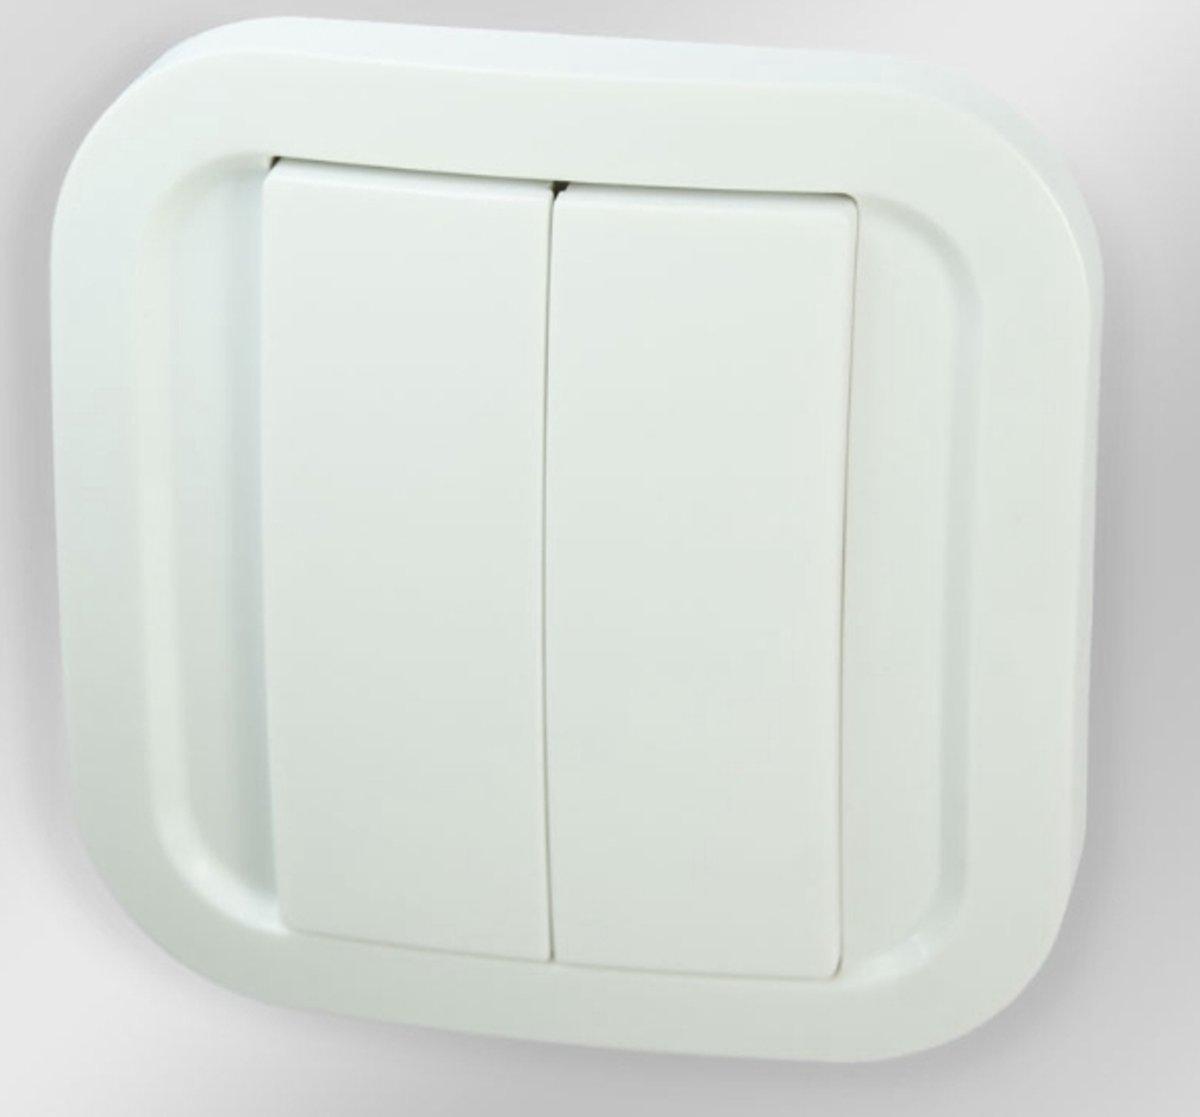 NodOn NODECWS3101 Drukknopen Wit afstandsbediening